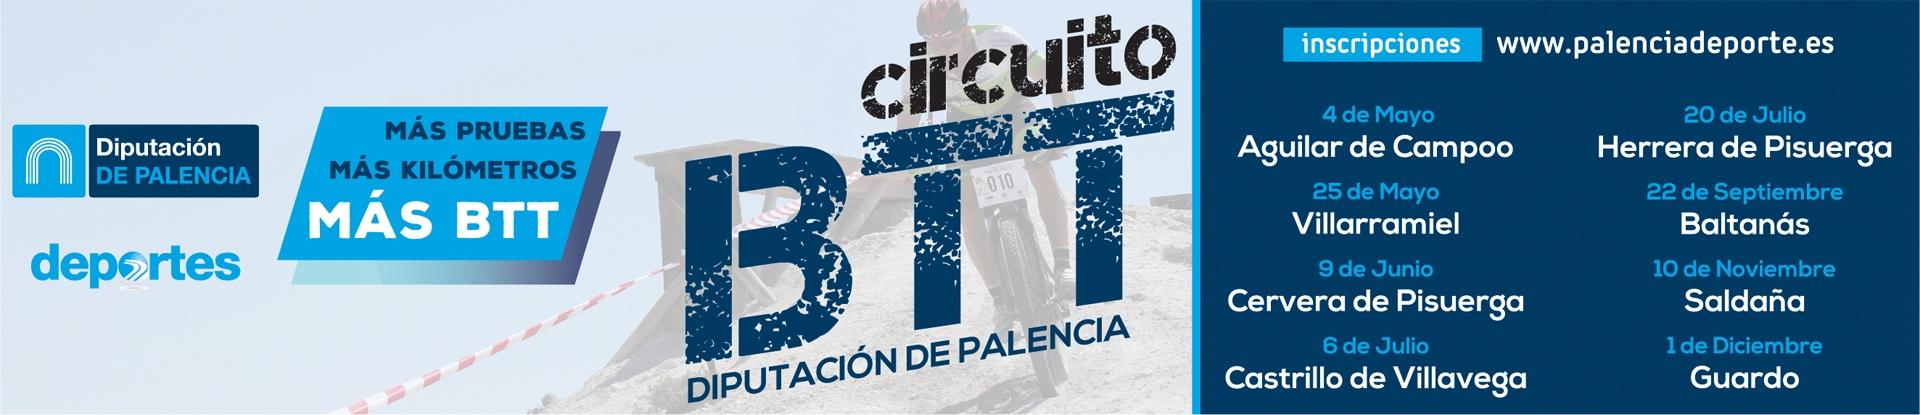 """II Circuito Provincial de BTT """"Diputación de Palencia"""" Aguilar de Campo"""